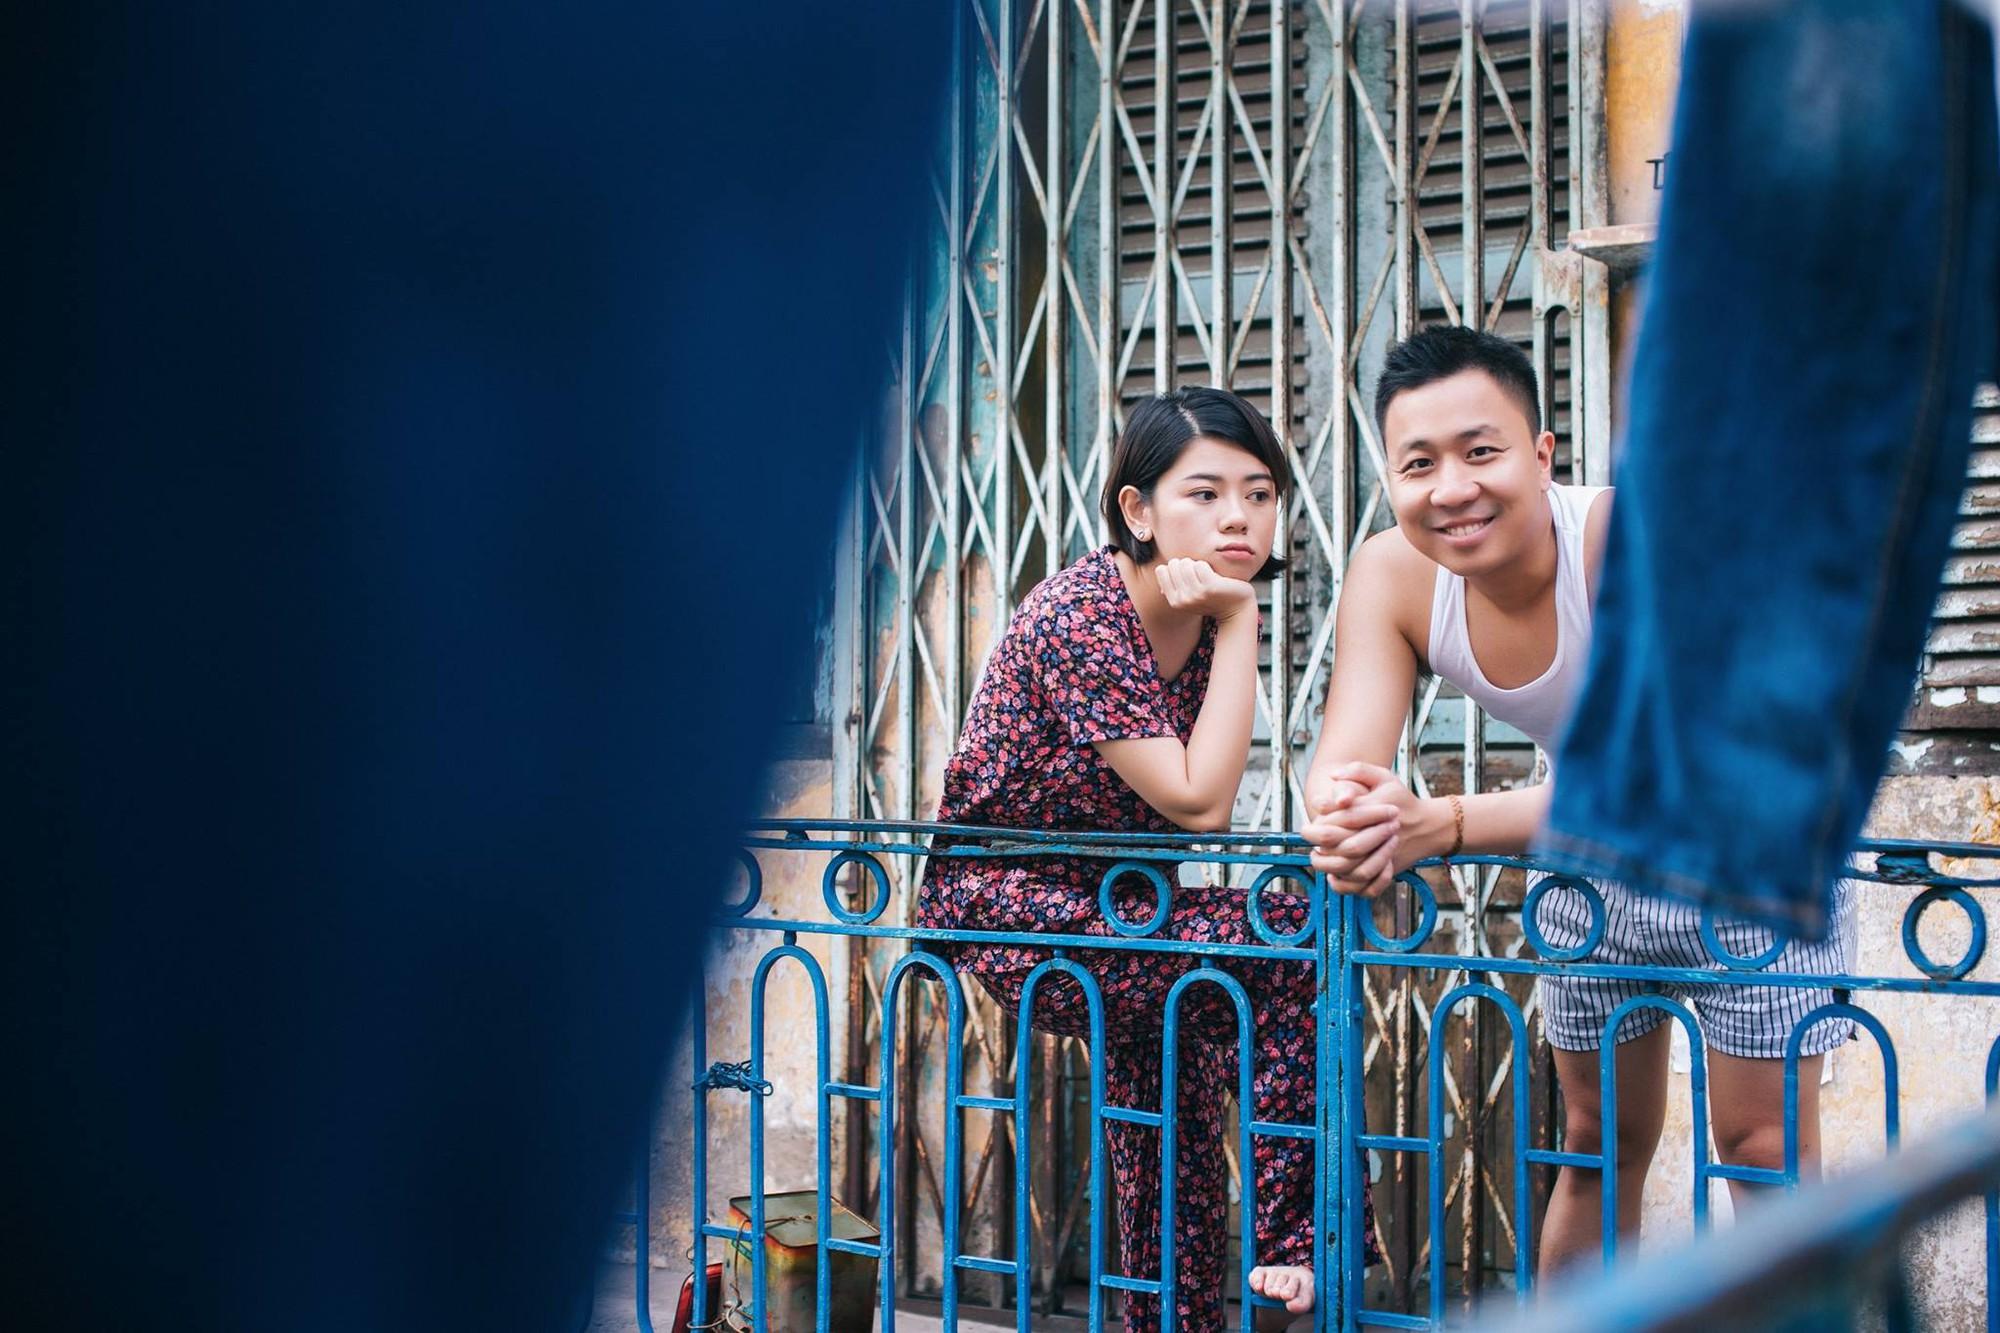 Chẳng ai như cặp đôi này, đi ăn sáng tiện thể chụp ảnh cưới vậy mà vẫn hút cả nghìn like